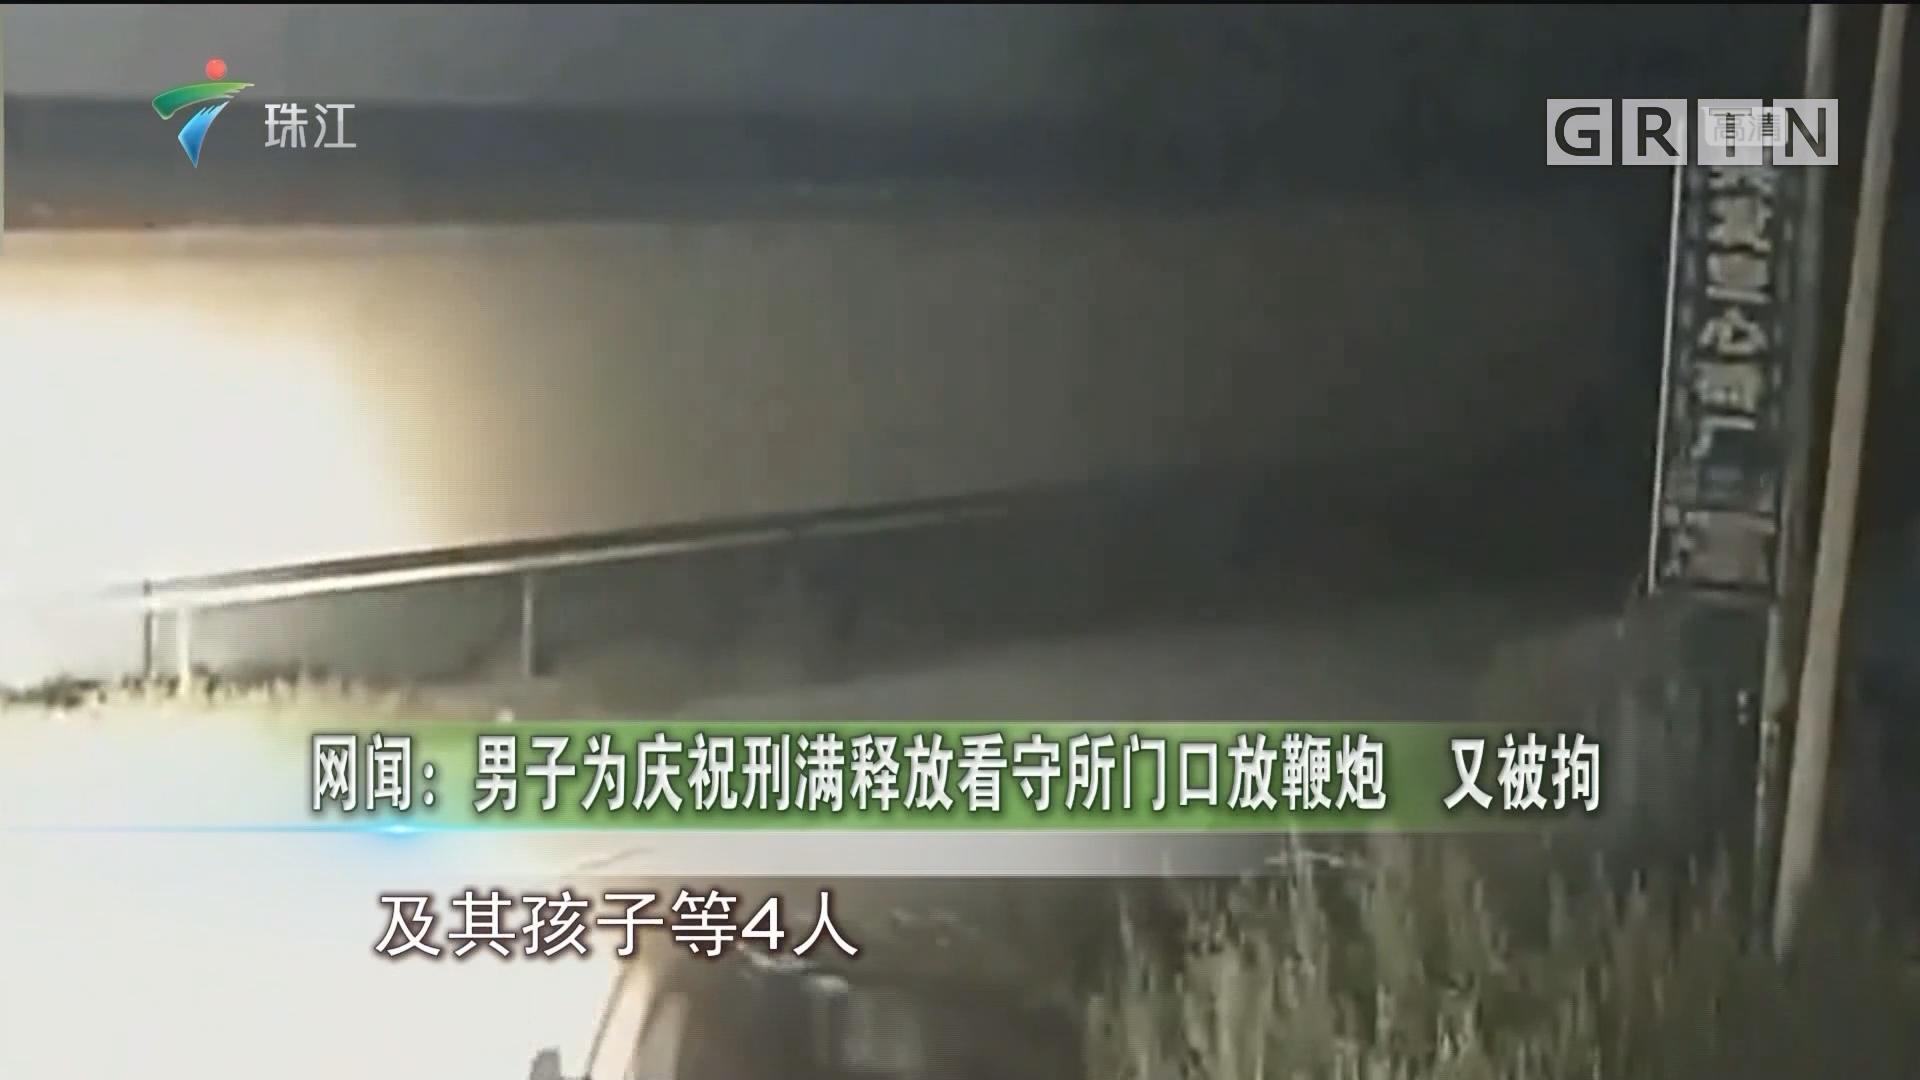 网闻:男子为庆祝刑满释放看守所门口放鞭炮 又被拘